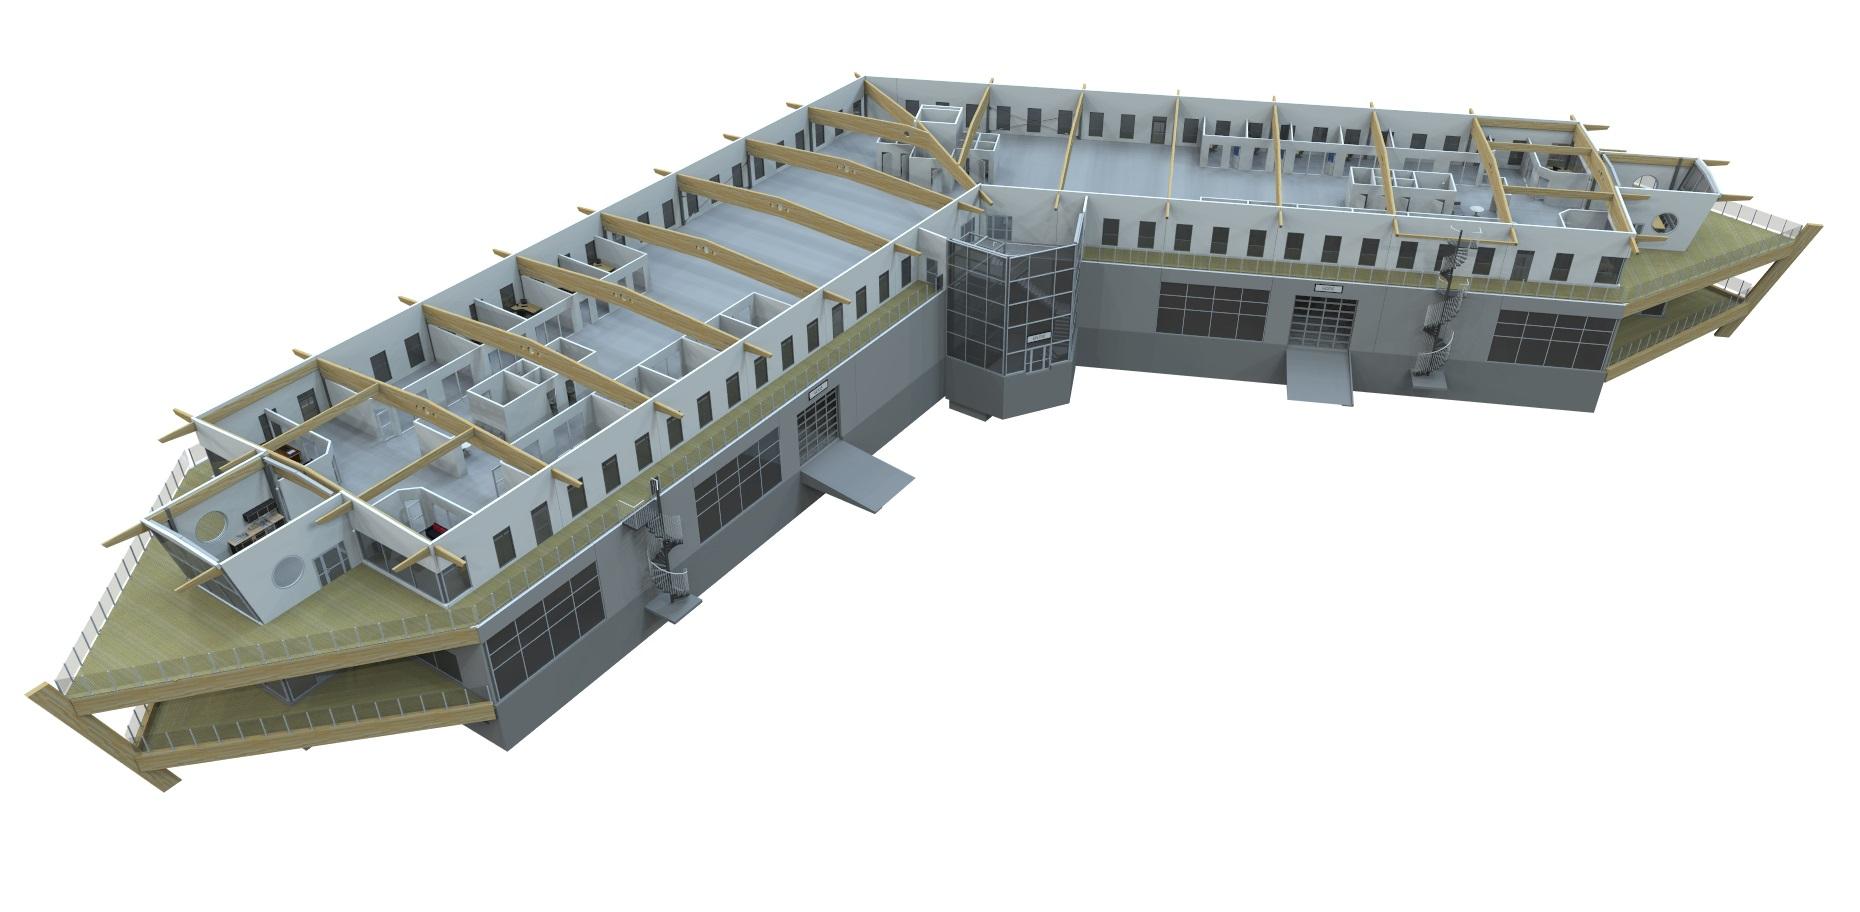 Kopiowanie rozwiązań pomiędzy projektami pozwala firmie Northpower Stålhallar zaoszczędzić czas.